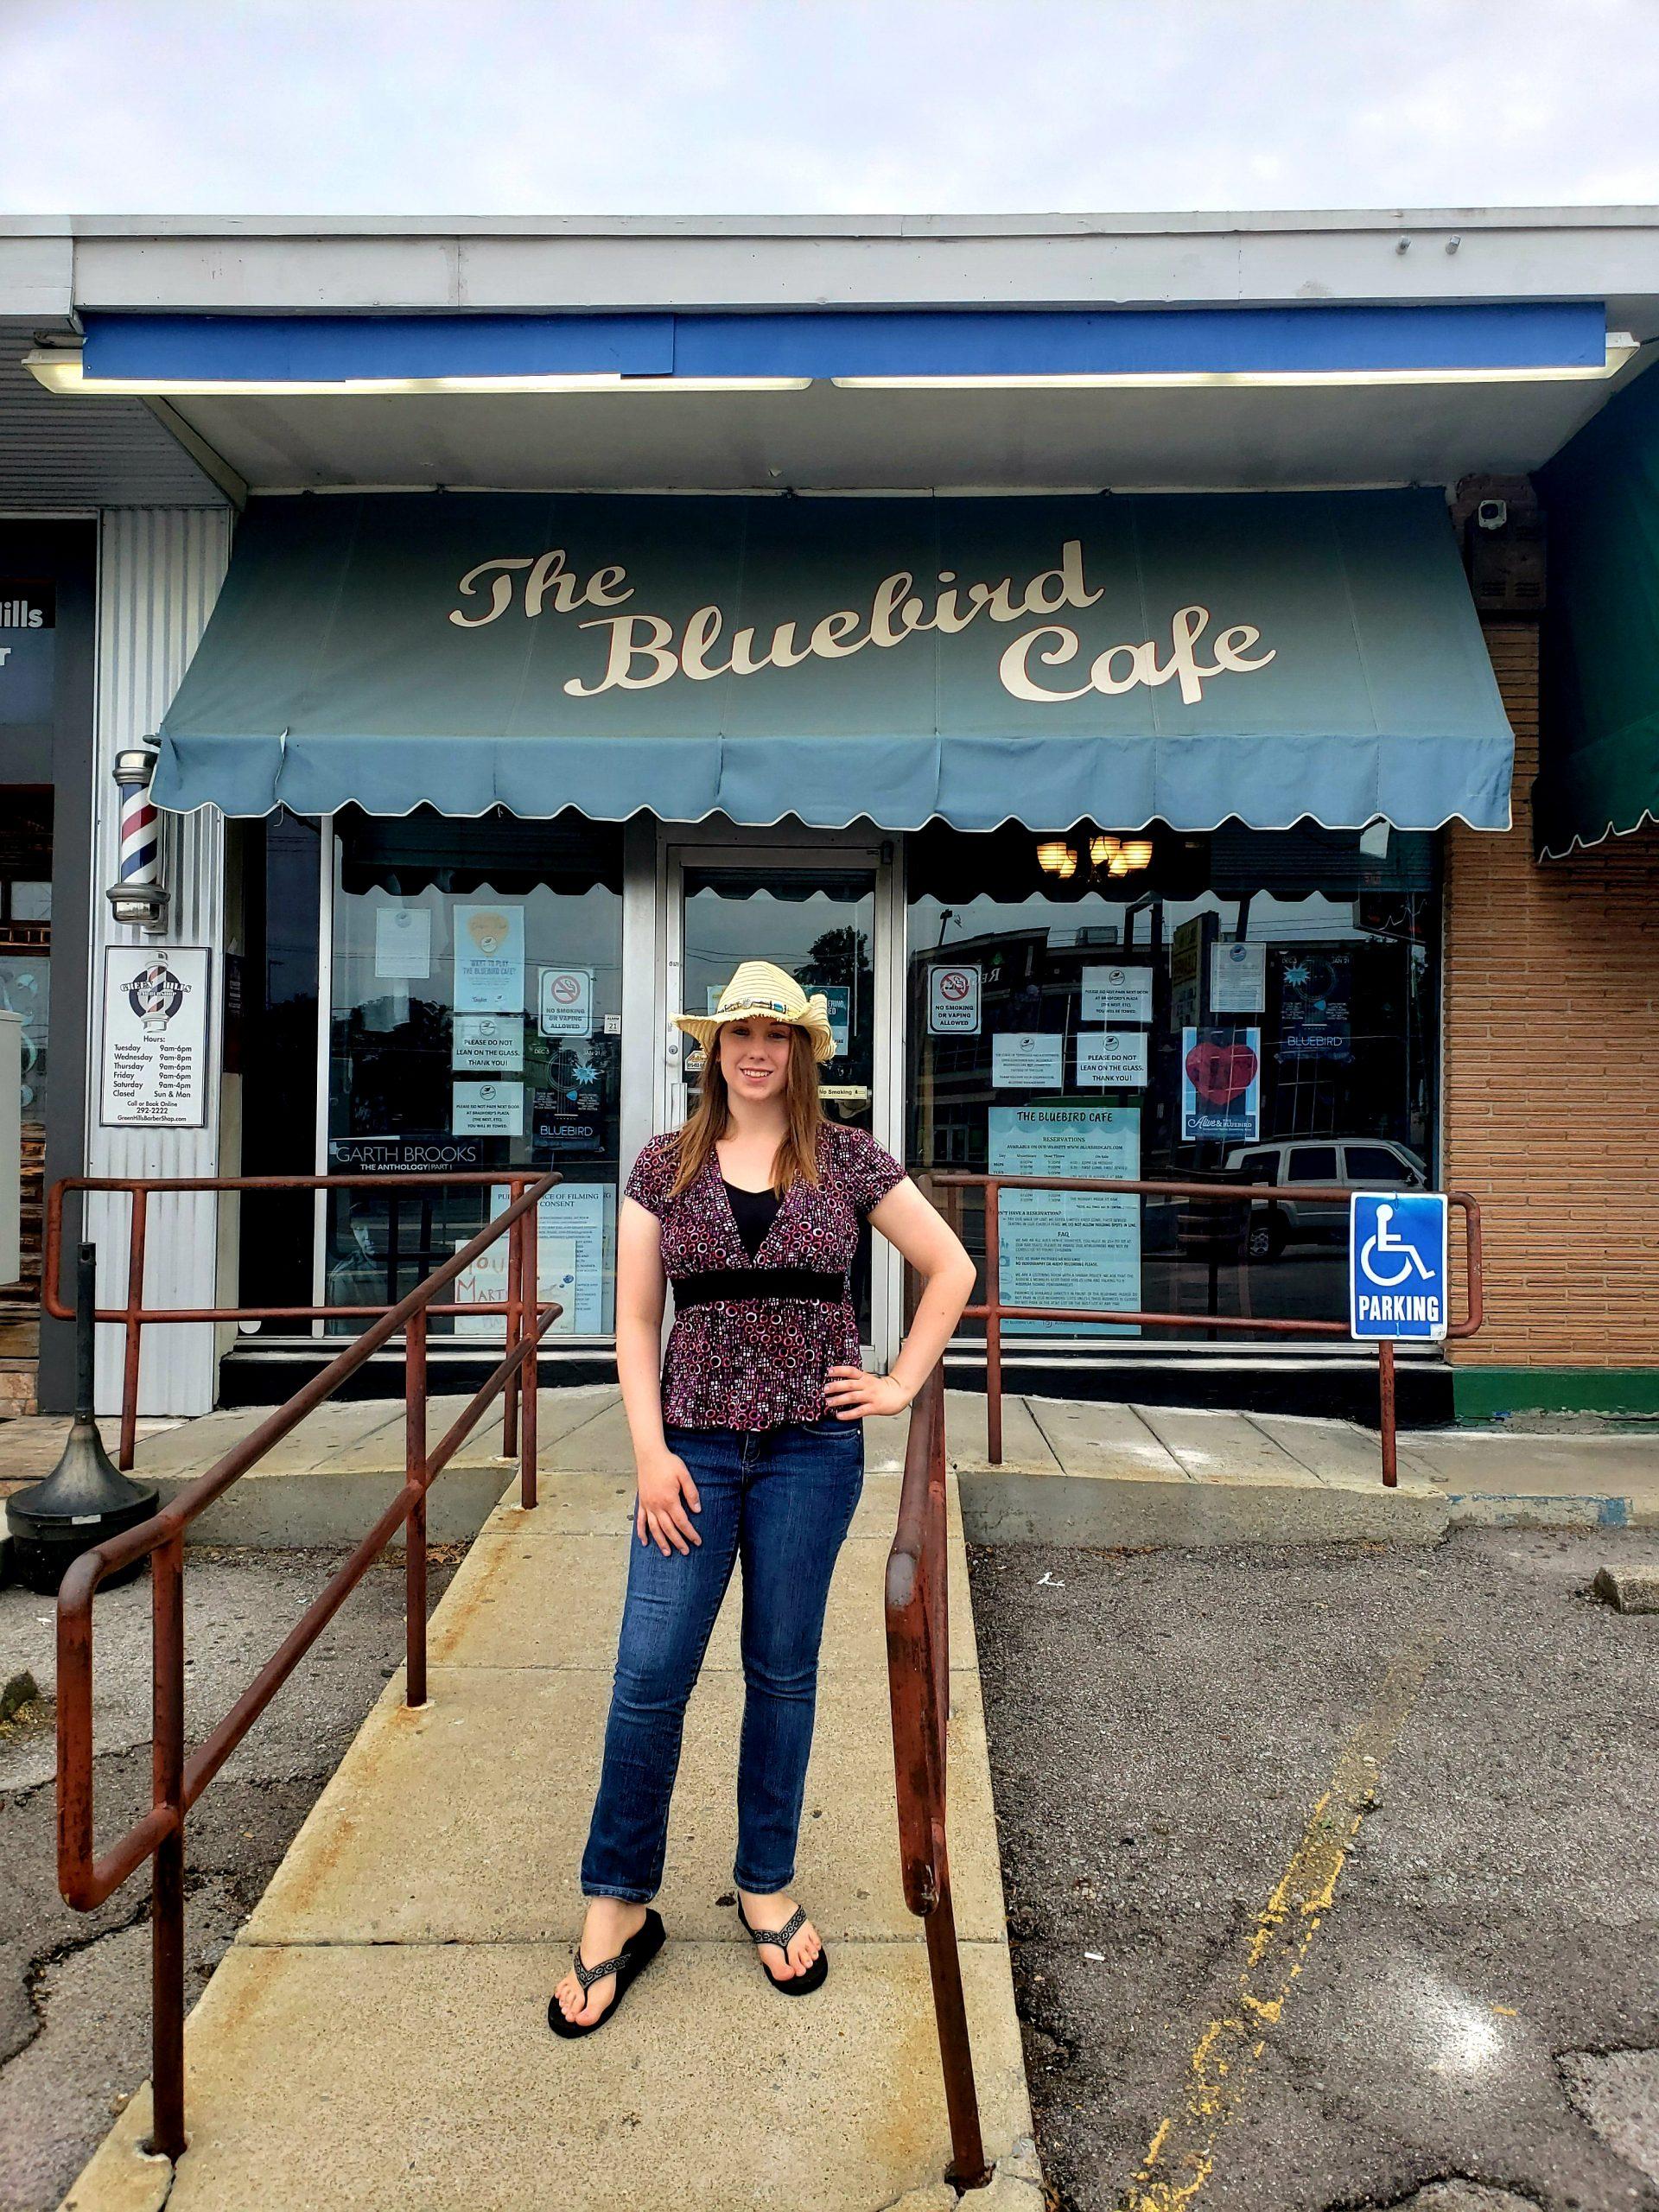 Violet Sky at Bluebird Cafe, Nashville, Tennessee (Photo Credit: Violet Sky)